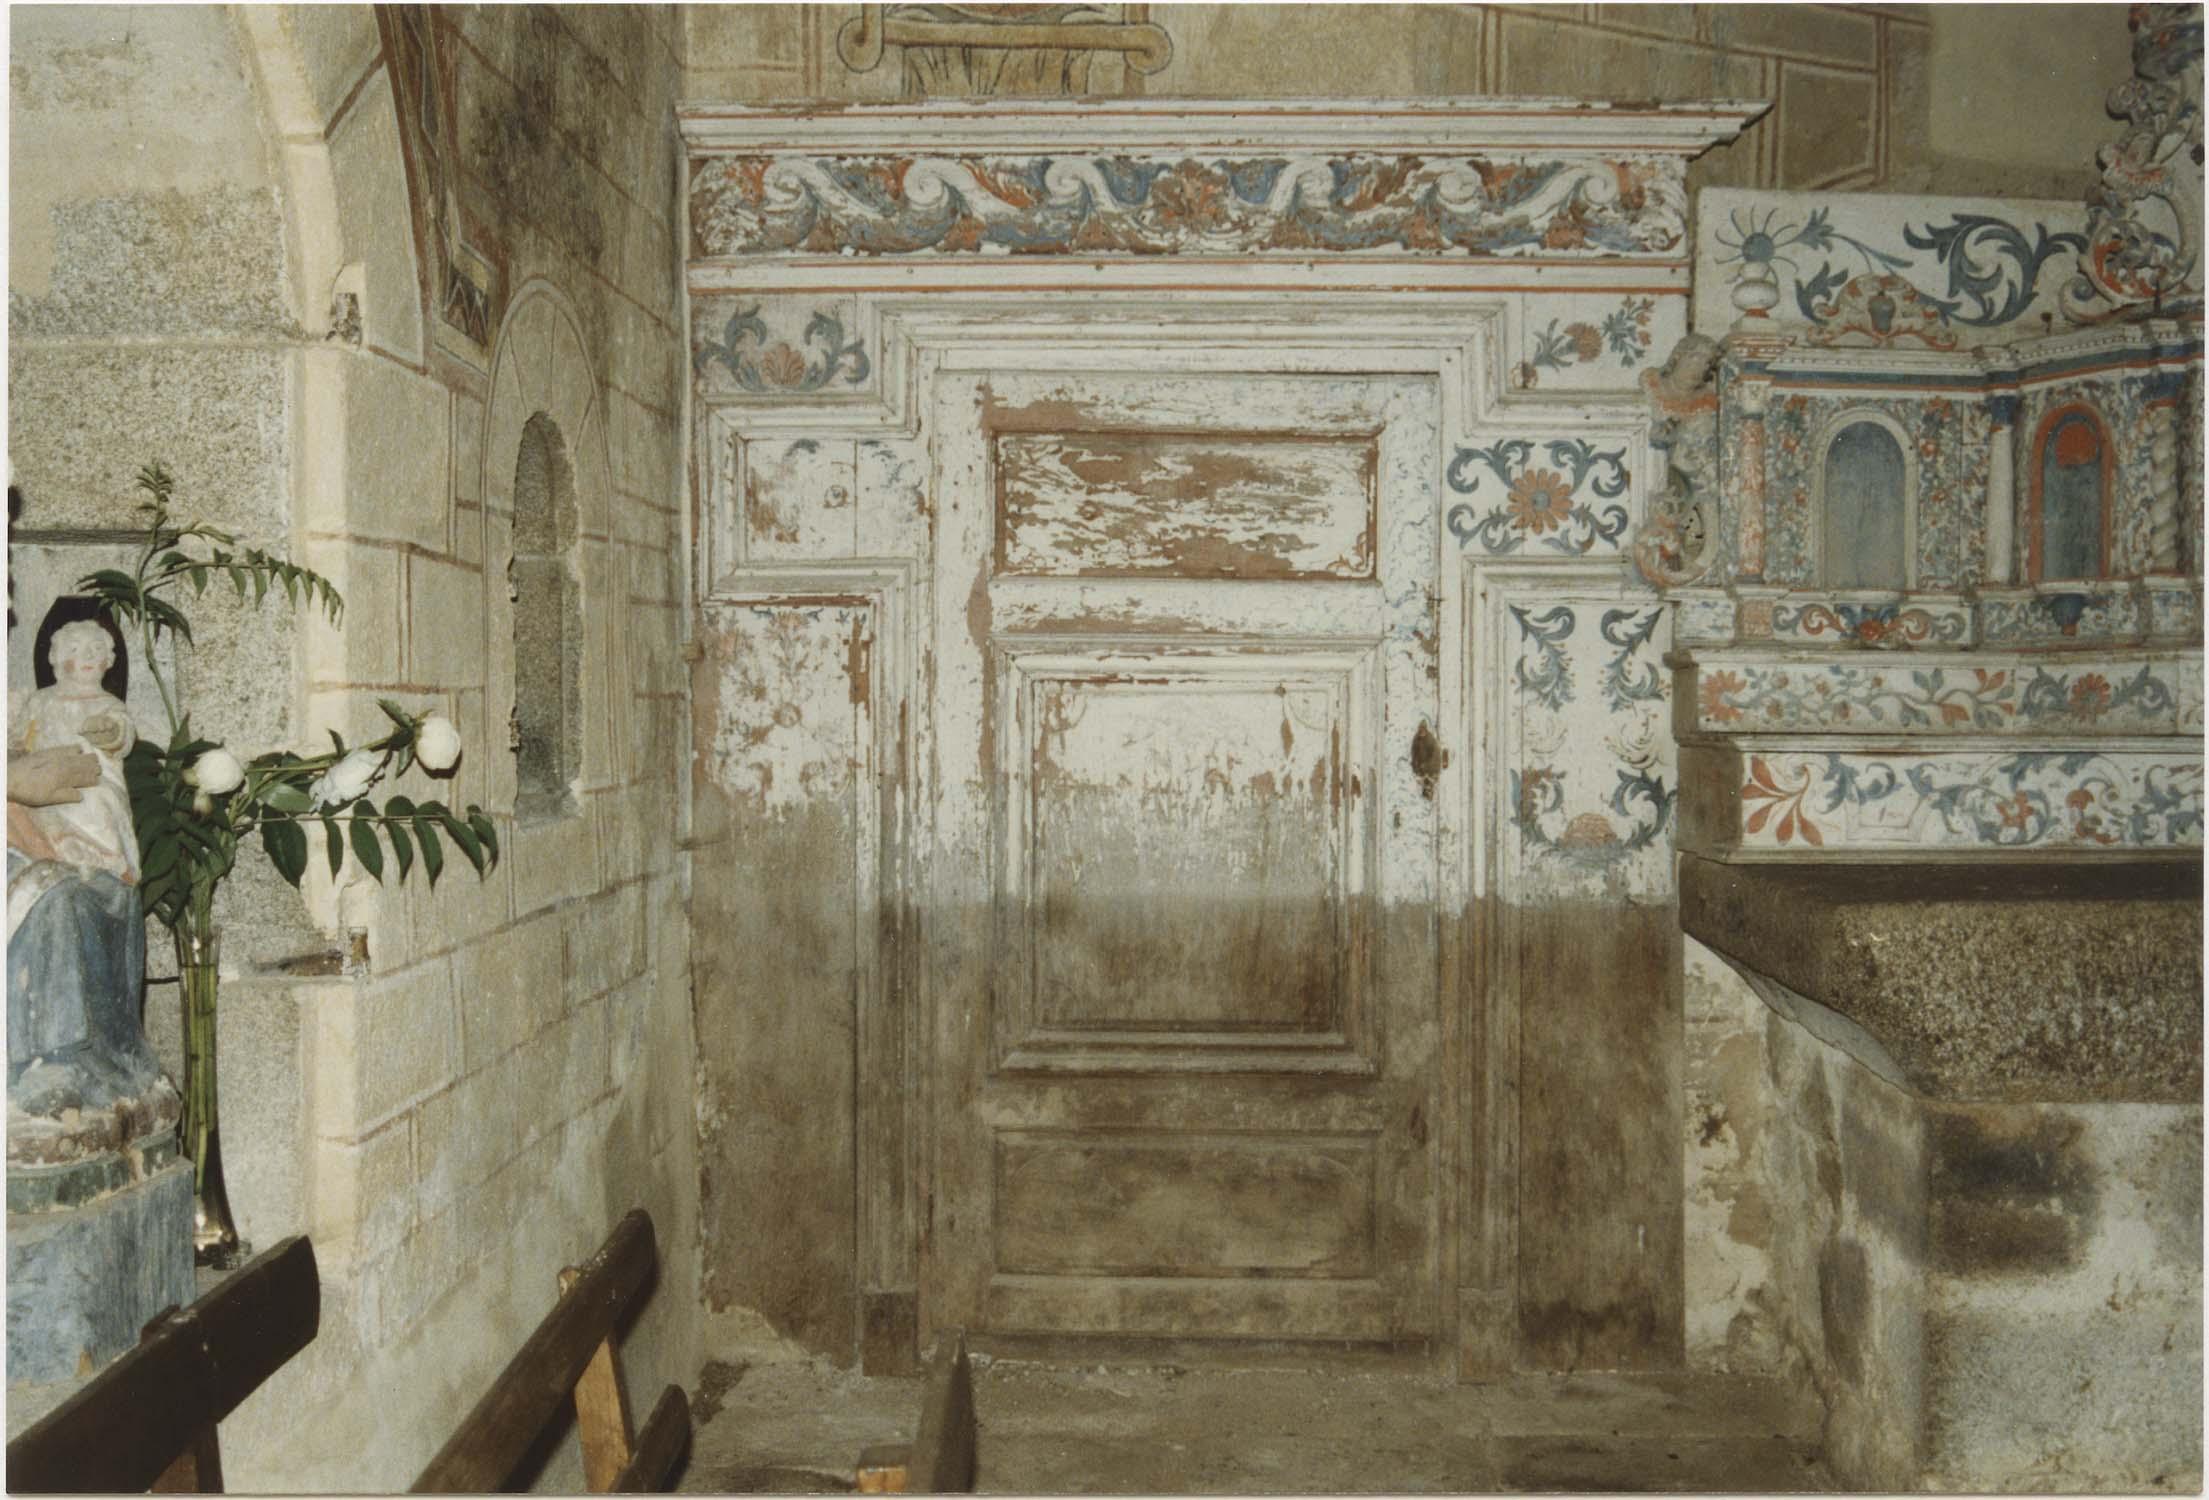 Ensemble du maître-autel (2 gradins d'autel, tabernacle, exposition, lambris de demi-revêtement)